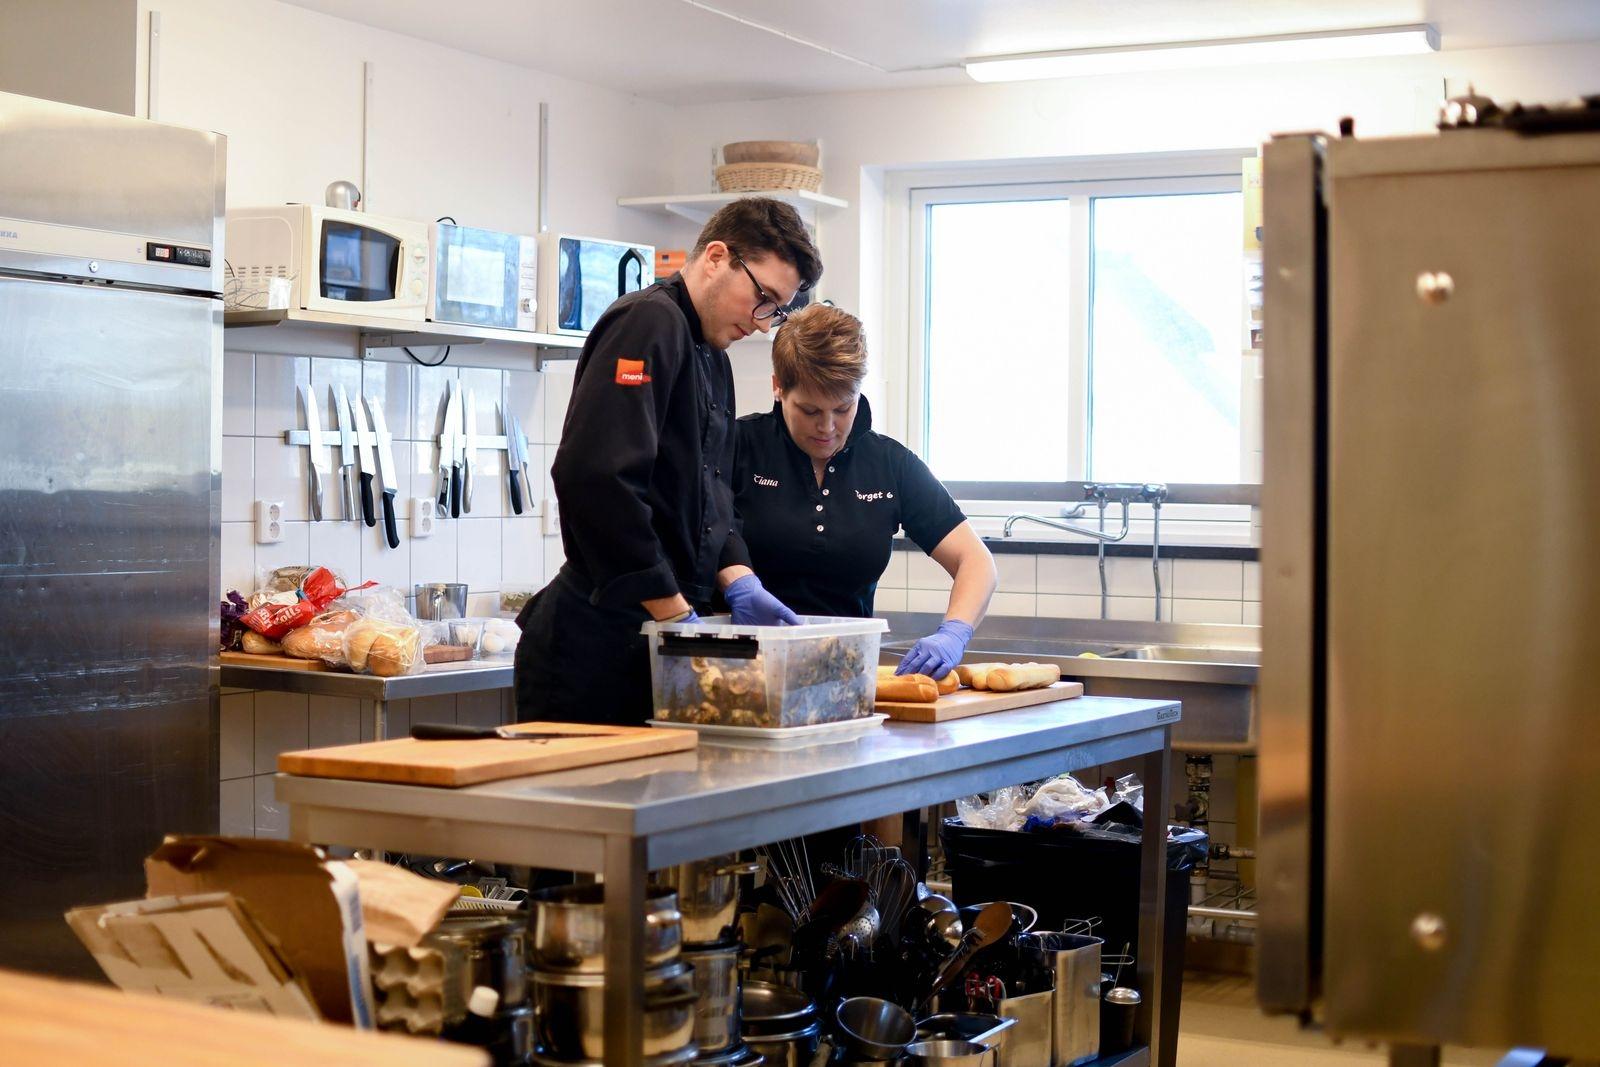 """Alex Olsson och Tiana Månsson lovordar det nya köket. """"Här är stort och luftigt"""", säger Tiana. """"Det är stor skillnad mot det gamla köket där vi var trångbodda"""", håller Alex med."""